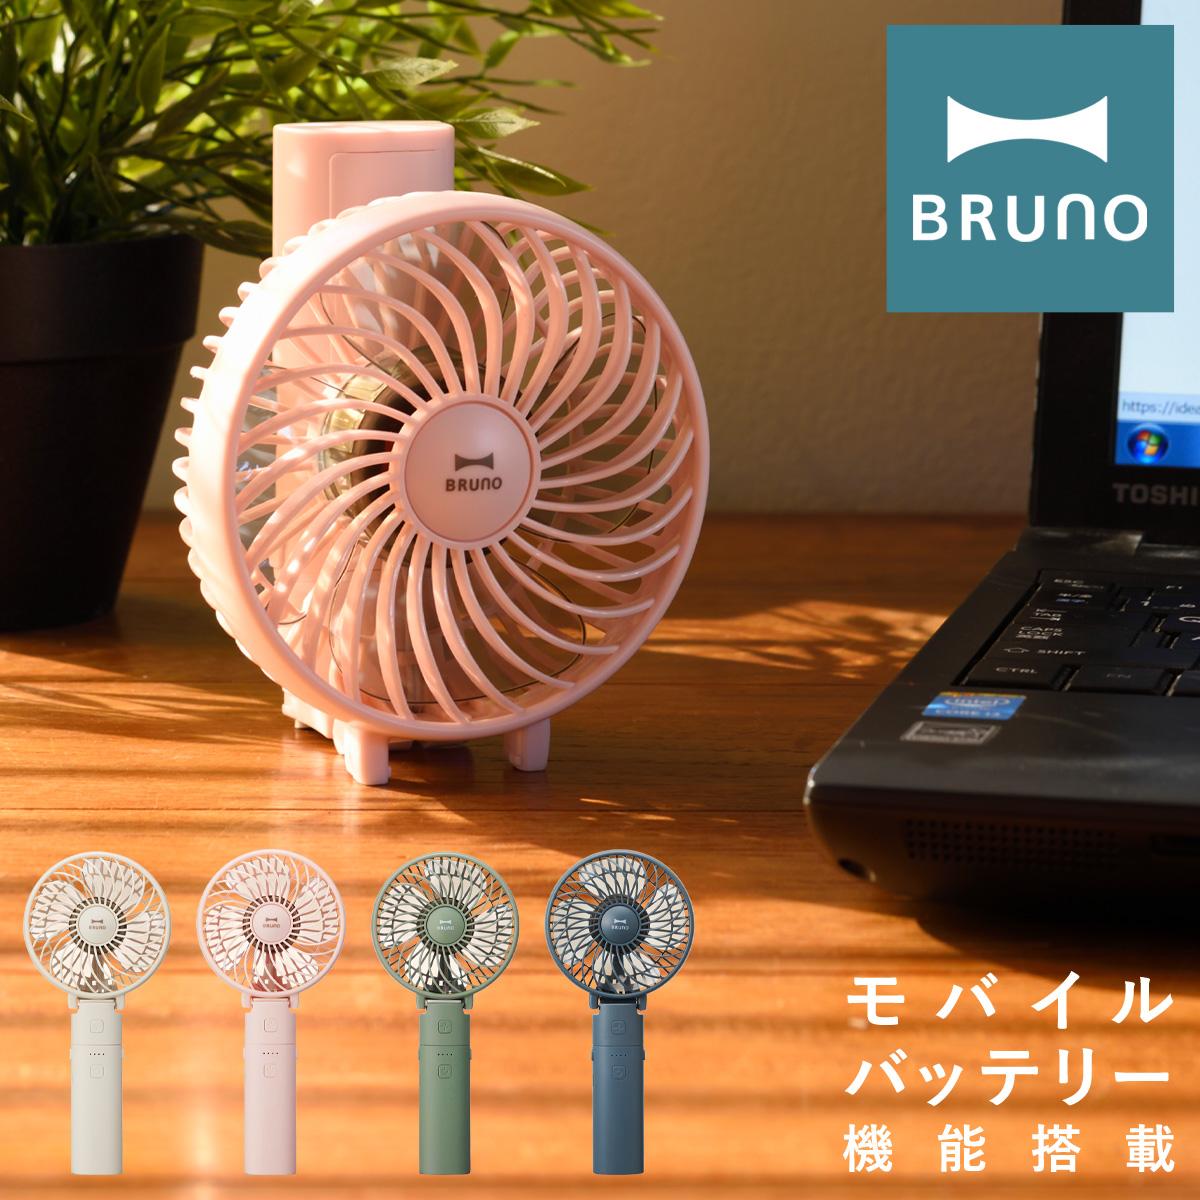 全品送料無料 あす楽 ブルーノ ミニファン 扇風機 BDE029 BRUNO ポータブルミニファン ハンディ 手持ち 携帯 市場 小型 スマホ充電 メーカー公式ショップ bef モバイルバッテリー 即日発送 おしゃれ USB かわいい コンパクト 1年保証 充電式 卓上